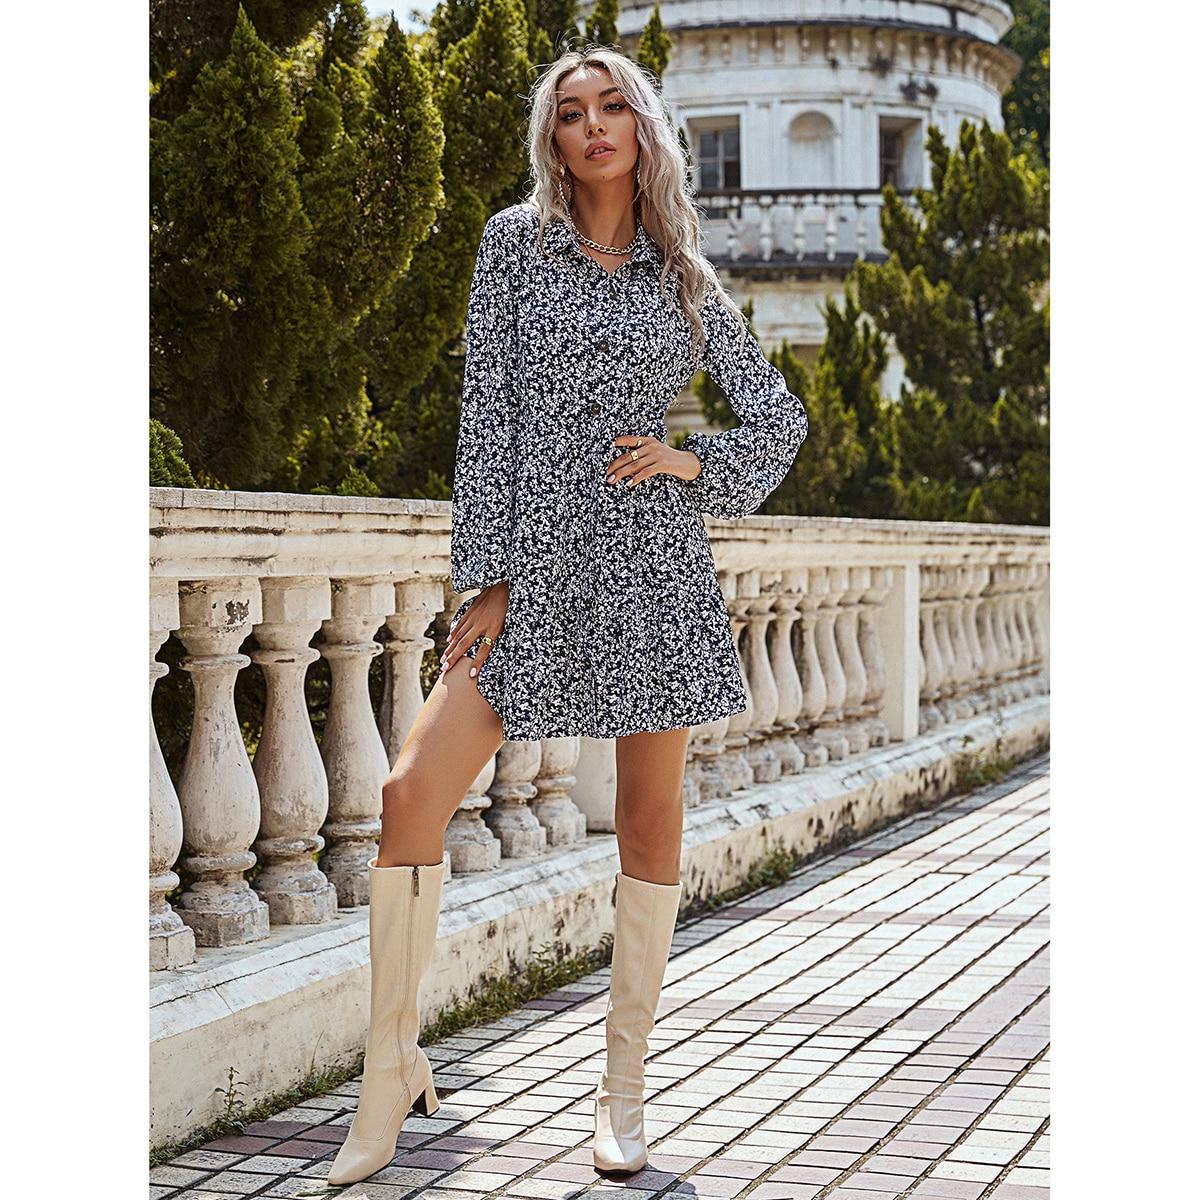 SHEIN / Shirtkleid mit Gänseblümchen Muster und Knöpfen vorn